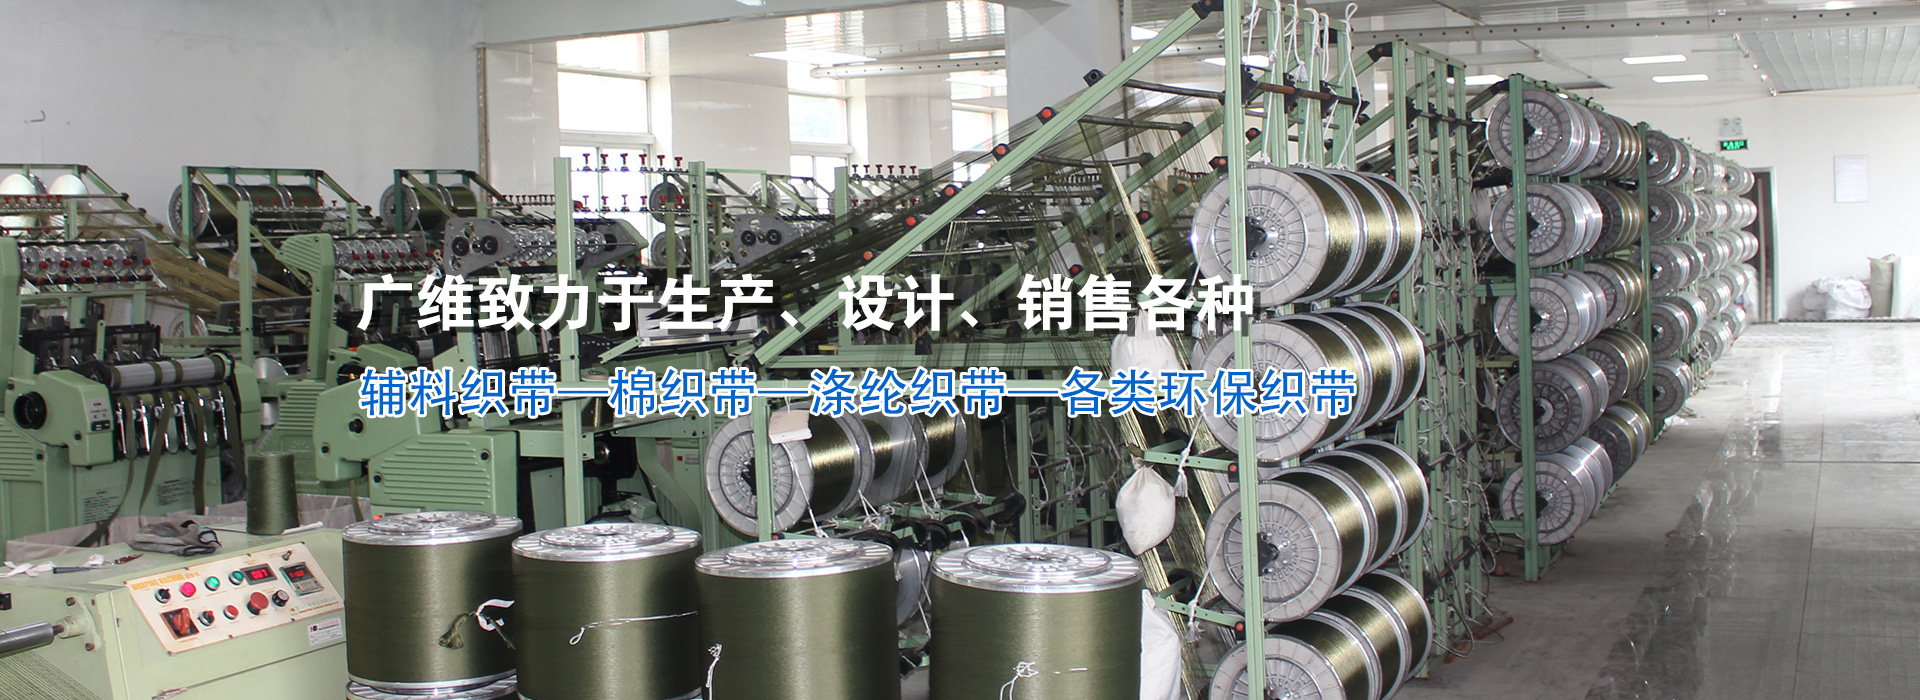 丹东广维纺织品有限公司